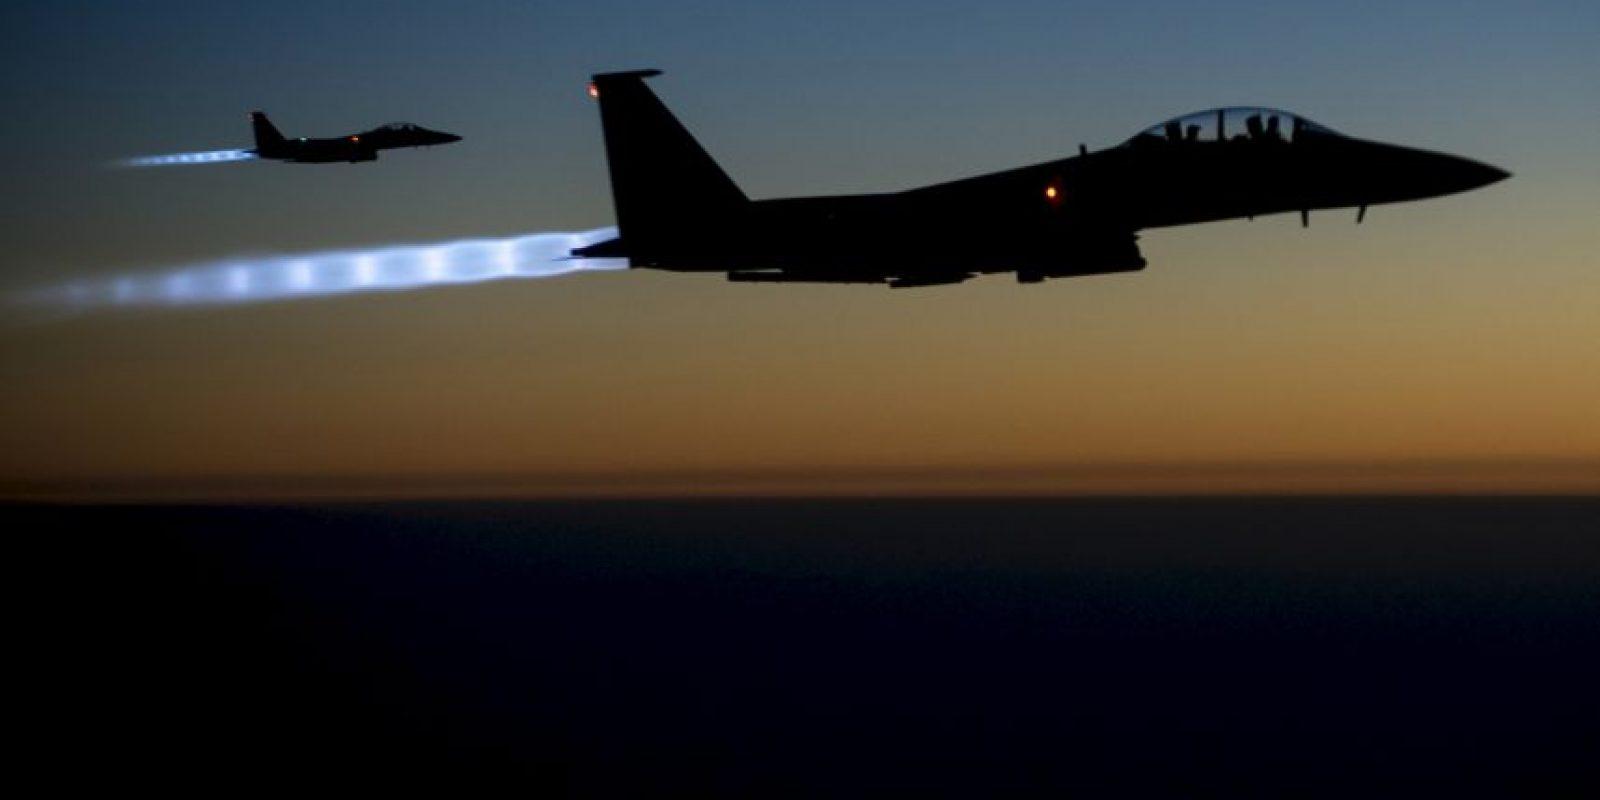 Se indicó que de no hacerse el cambio asesinarán de inmediato al piloto jordano Moaz al-Kassasbeh. Foto:AP